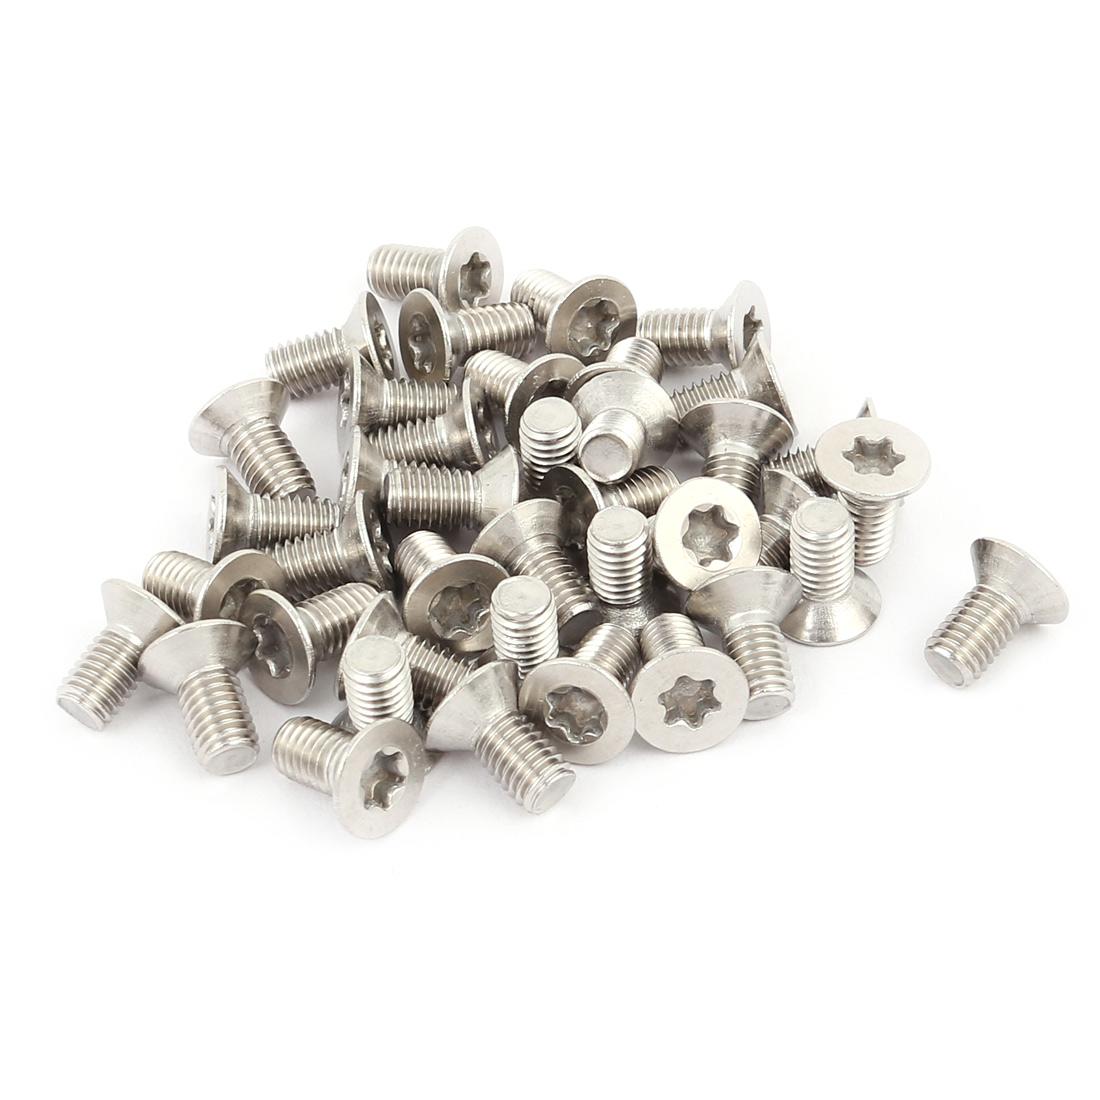 M5x10mm 304 Stainless Steel Fully Thread Flat Head Torx Screws Fasteners 40pcs